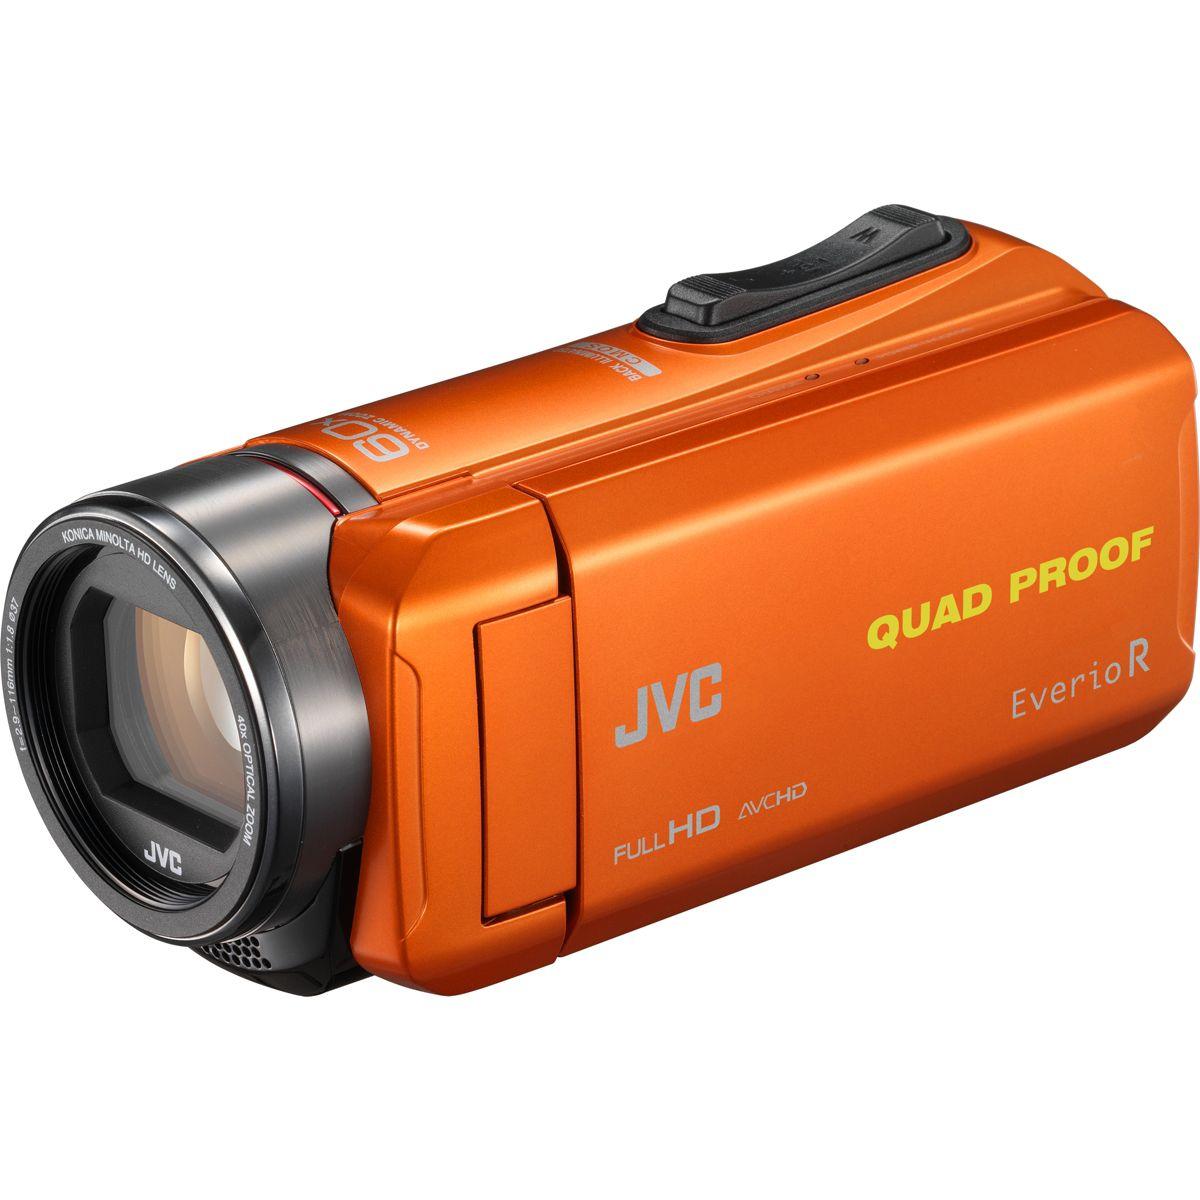 Caméscope JVC GZ-R435 Orange